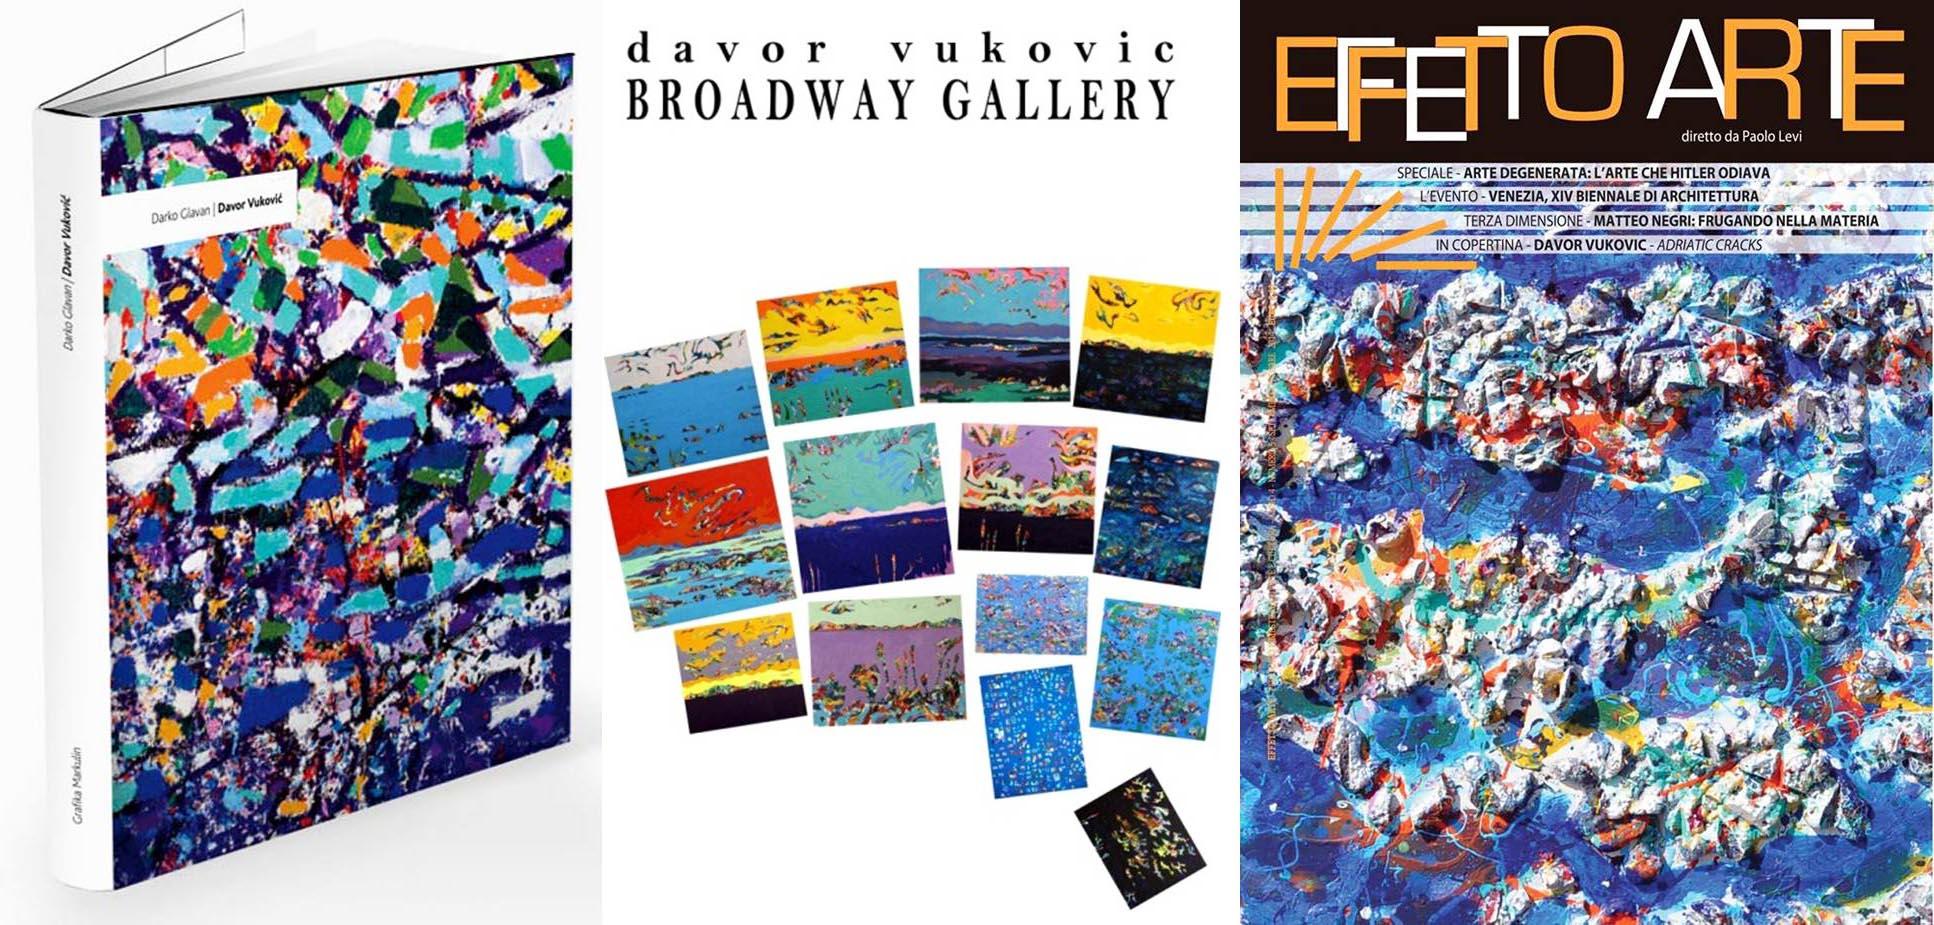 Davor Vukovic Dado-Broadway Gallery NY 10